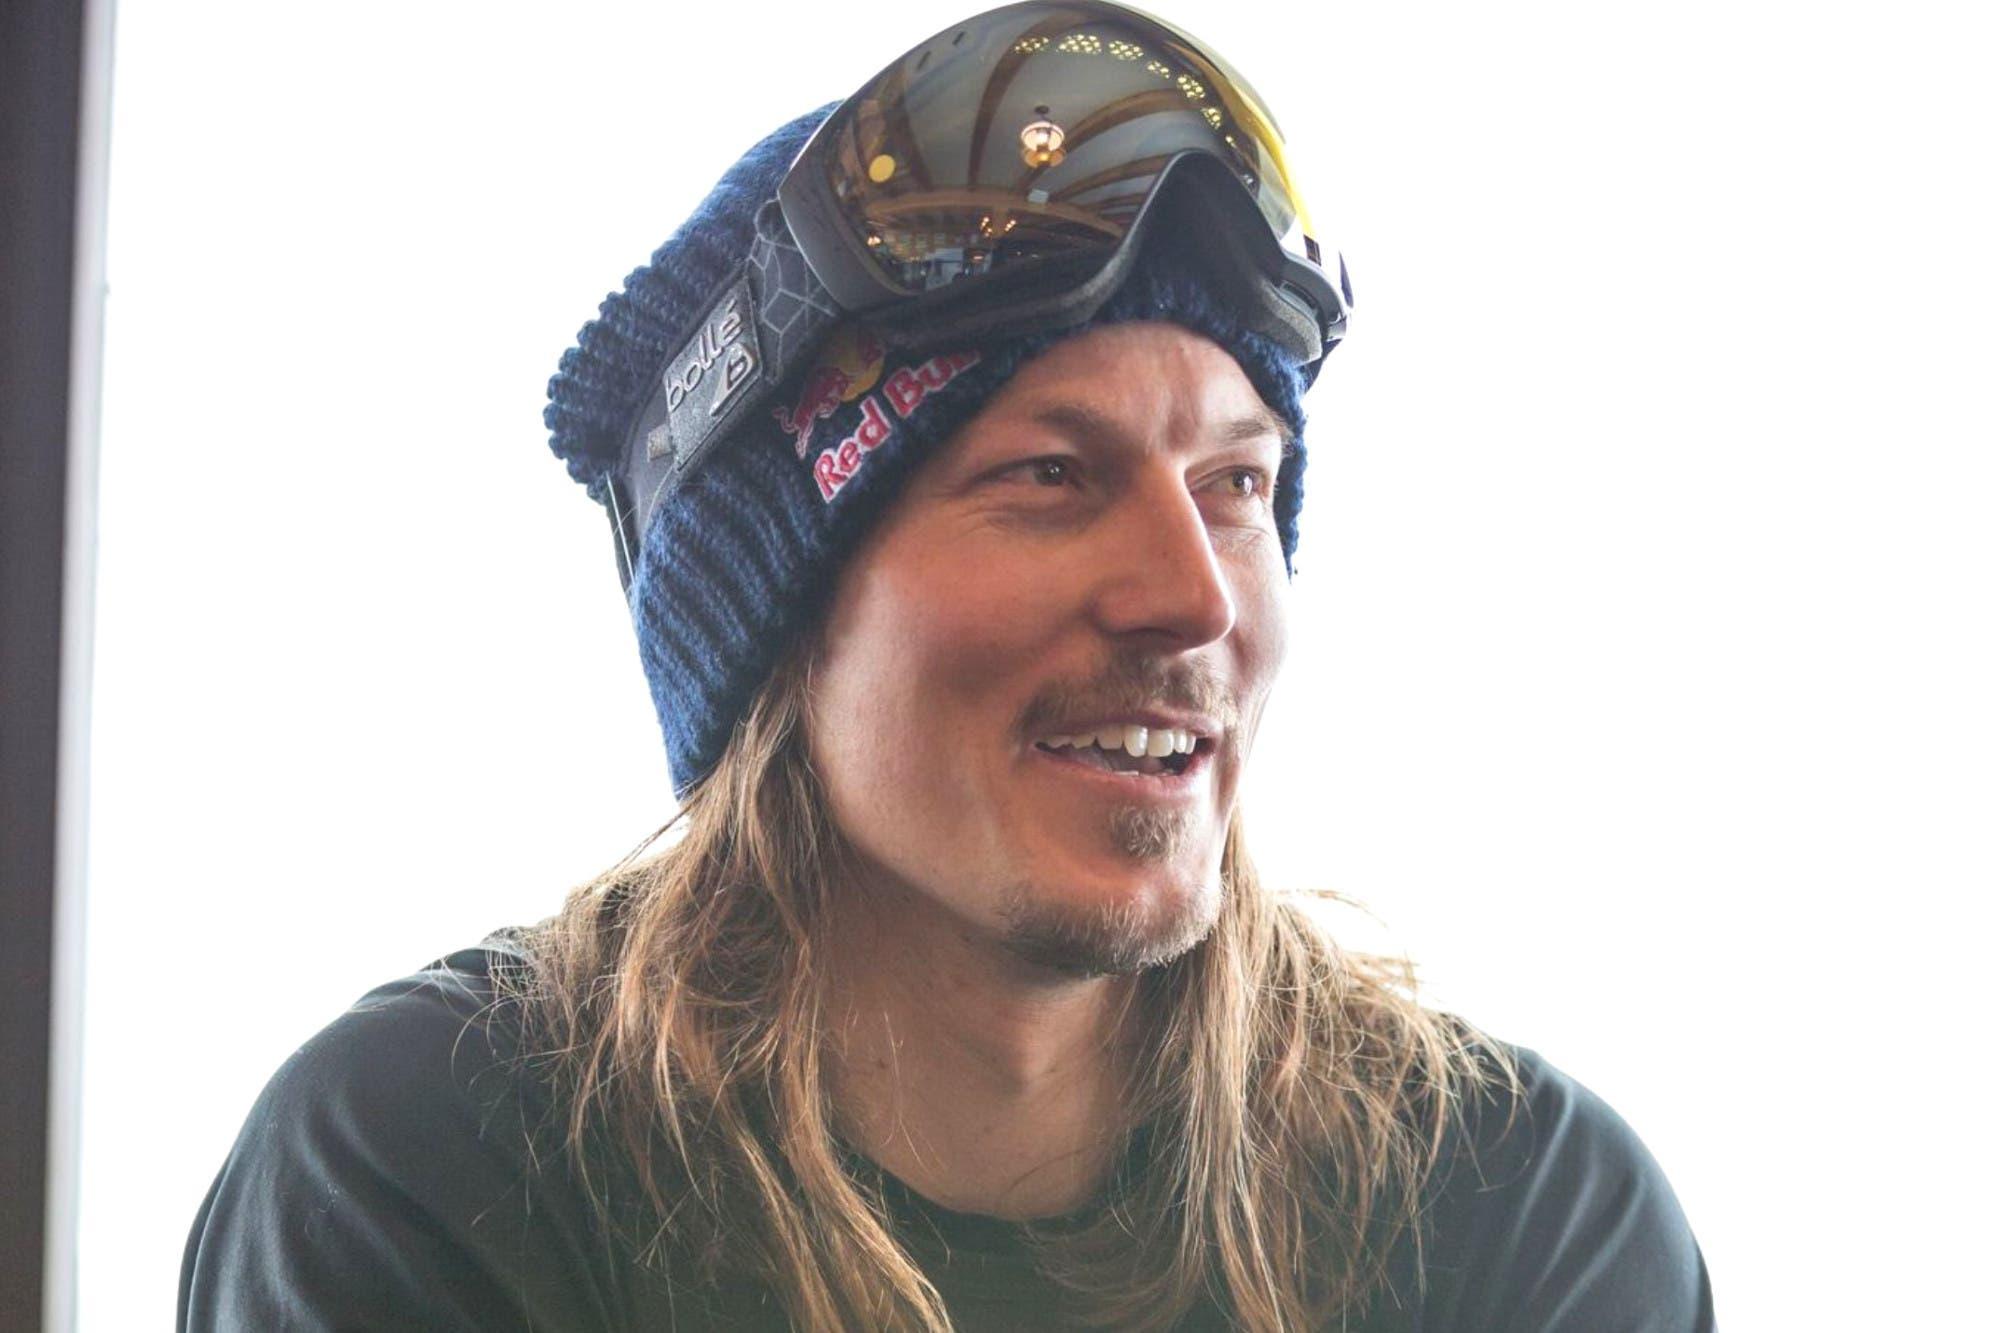 La muerte del snowboarder Alex Pullin: el día que deslumbró en el Cerro Catedral